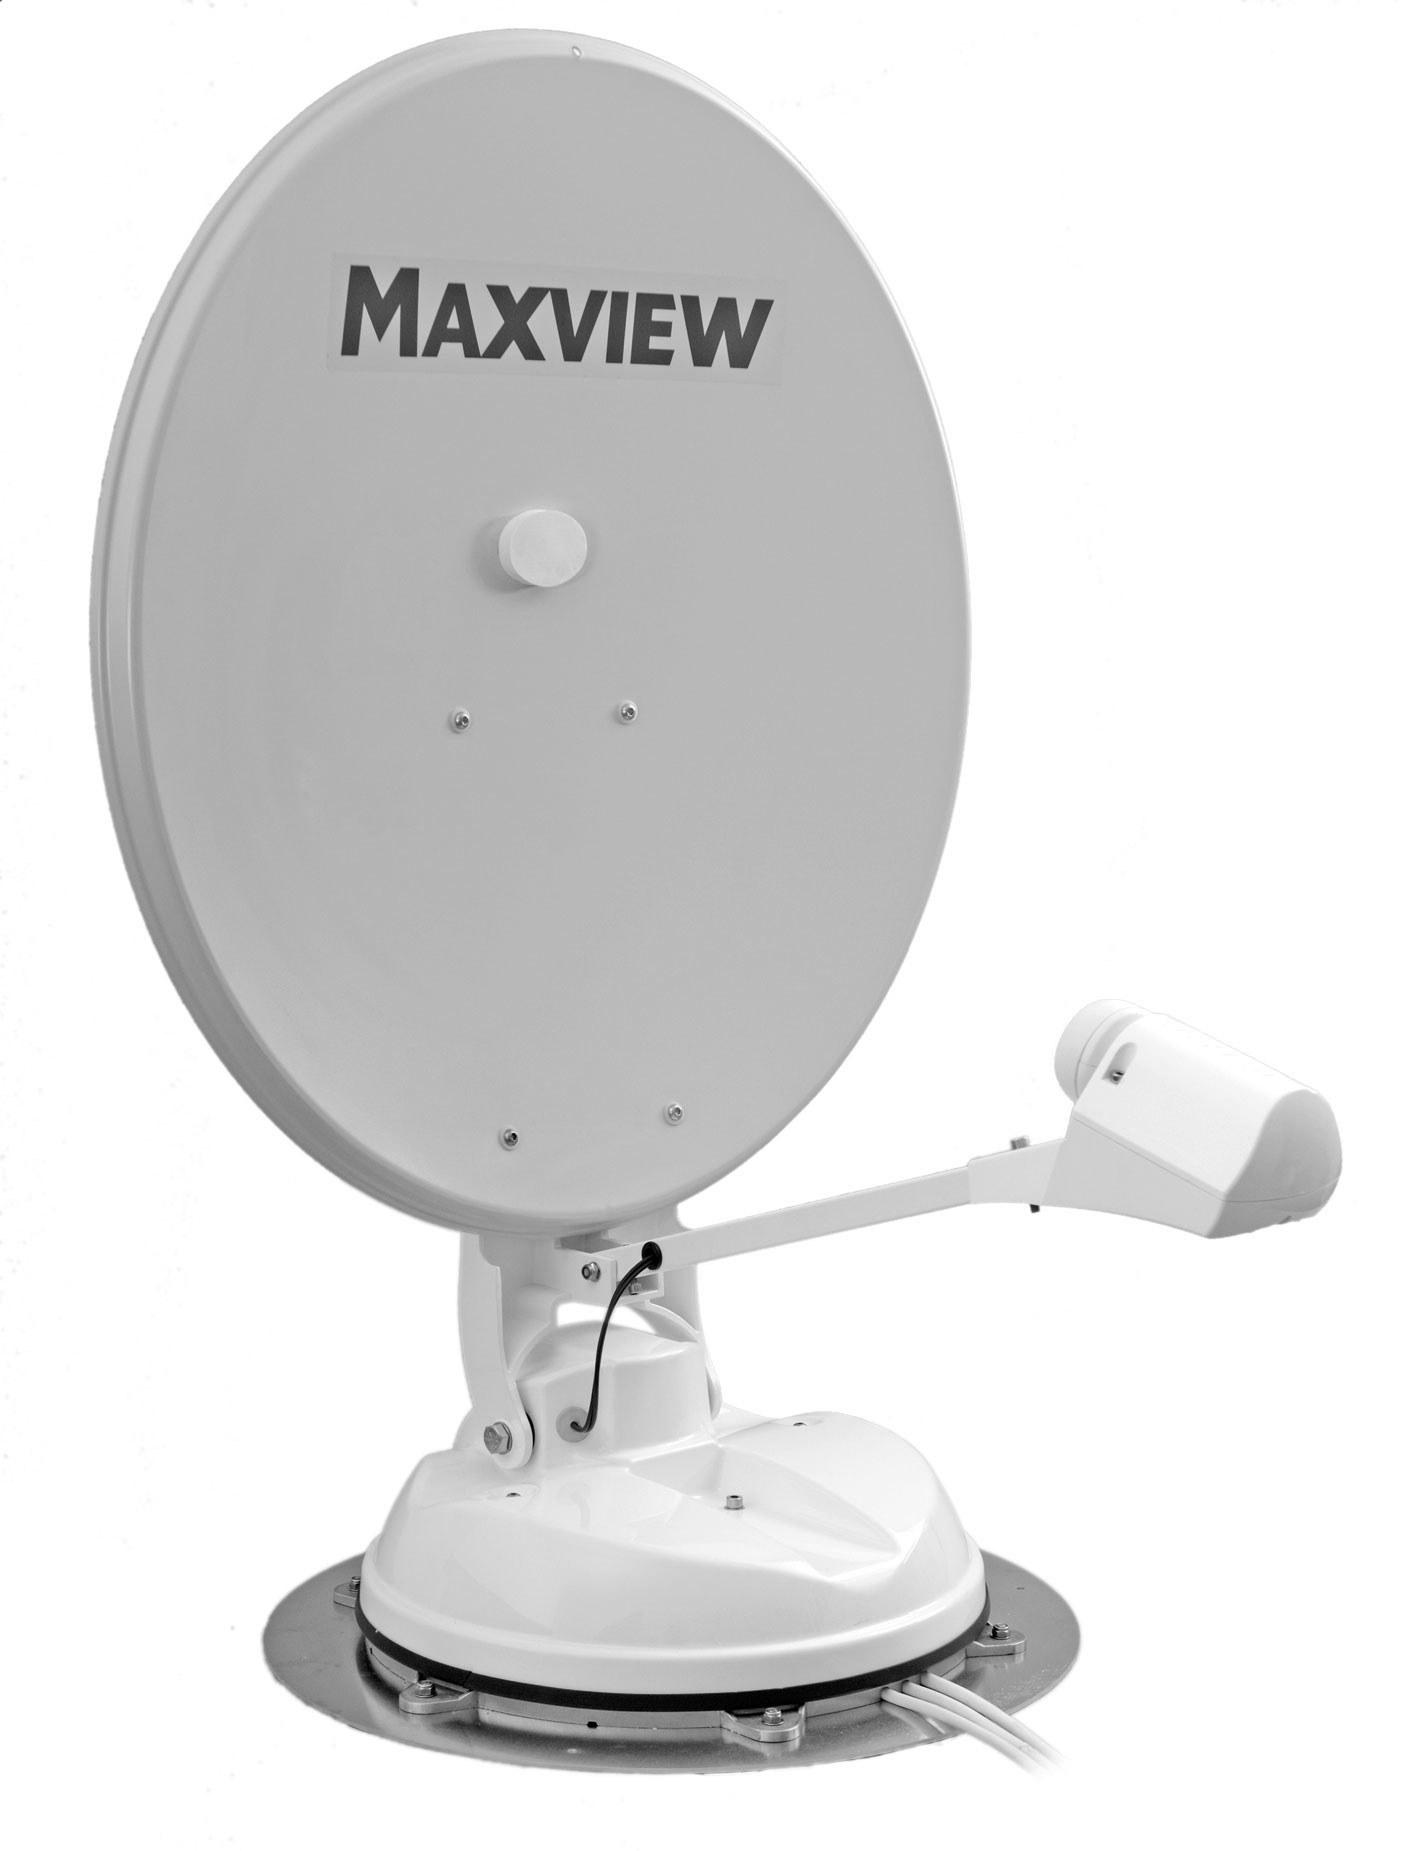 Maxview Twister B2590/85SEU V2 dia 85cm manueel satellietsysteem